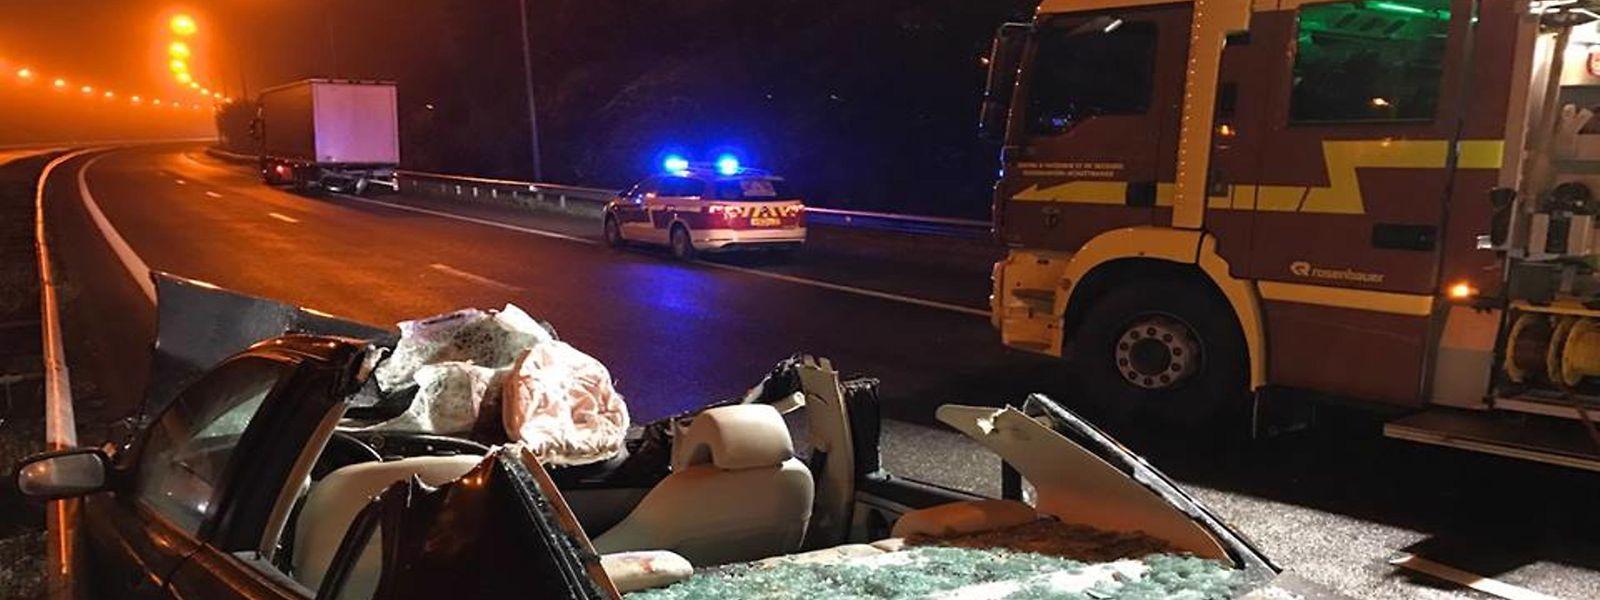 Erst im März wurde ein Lastwagenfahrer zu einer Haftstrafe verurteilt, weil er nach einem illegalen Halt auf der Autobahn A1 sehr langsam wieder auf die Autobahn aufgefahren war und so einen tödlichen Unfall verursacht hatte.